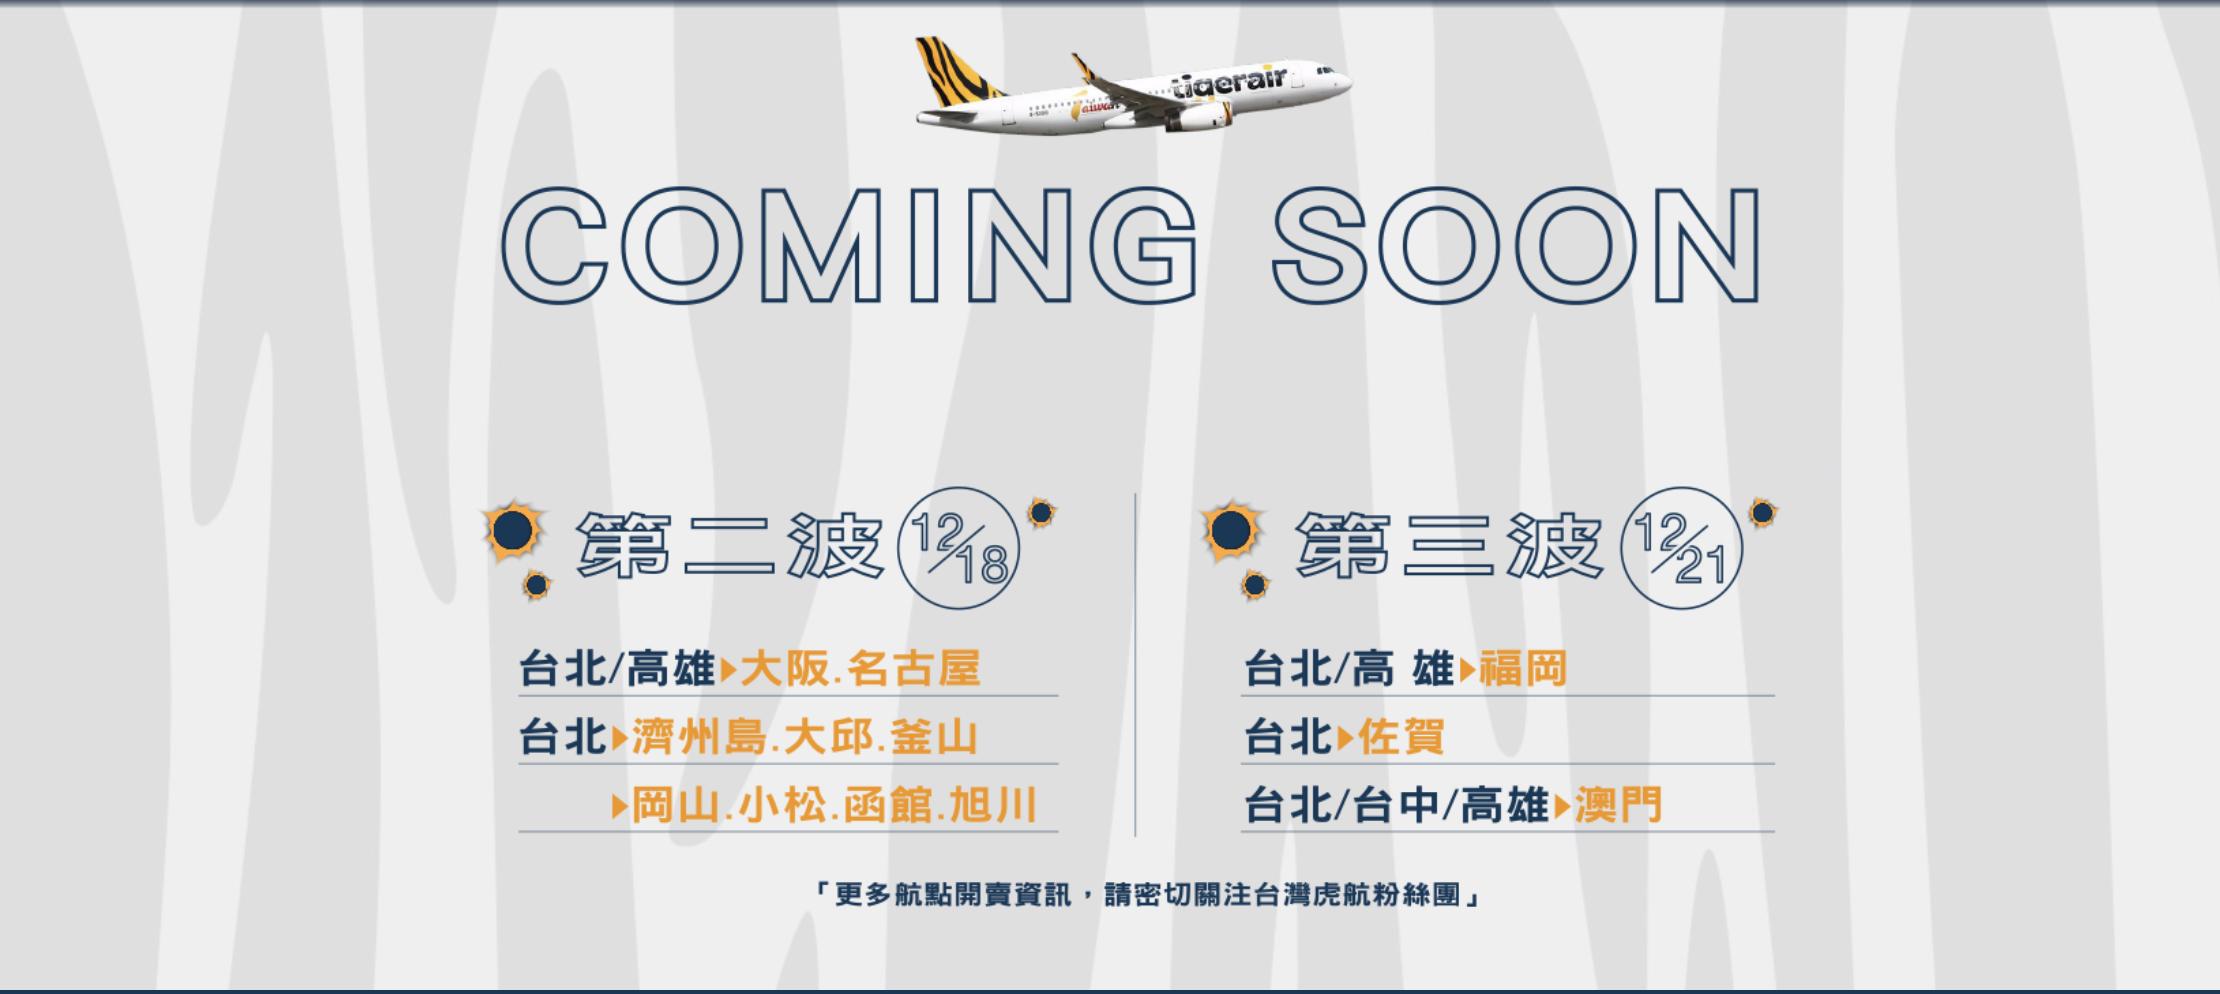 台灣虎航2019夏季航班開賣,2019/3/31-2019/10/26,買好一整年的美麗票價吧!